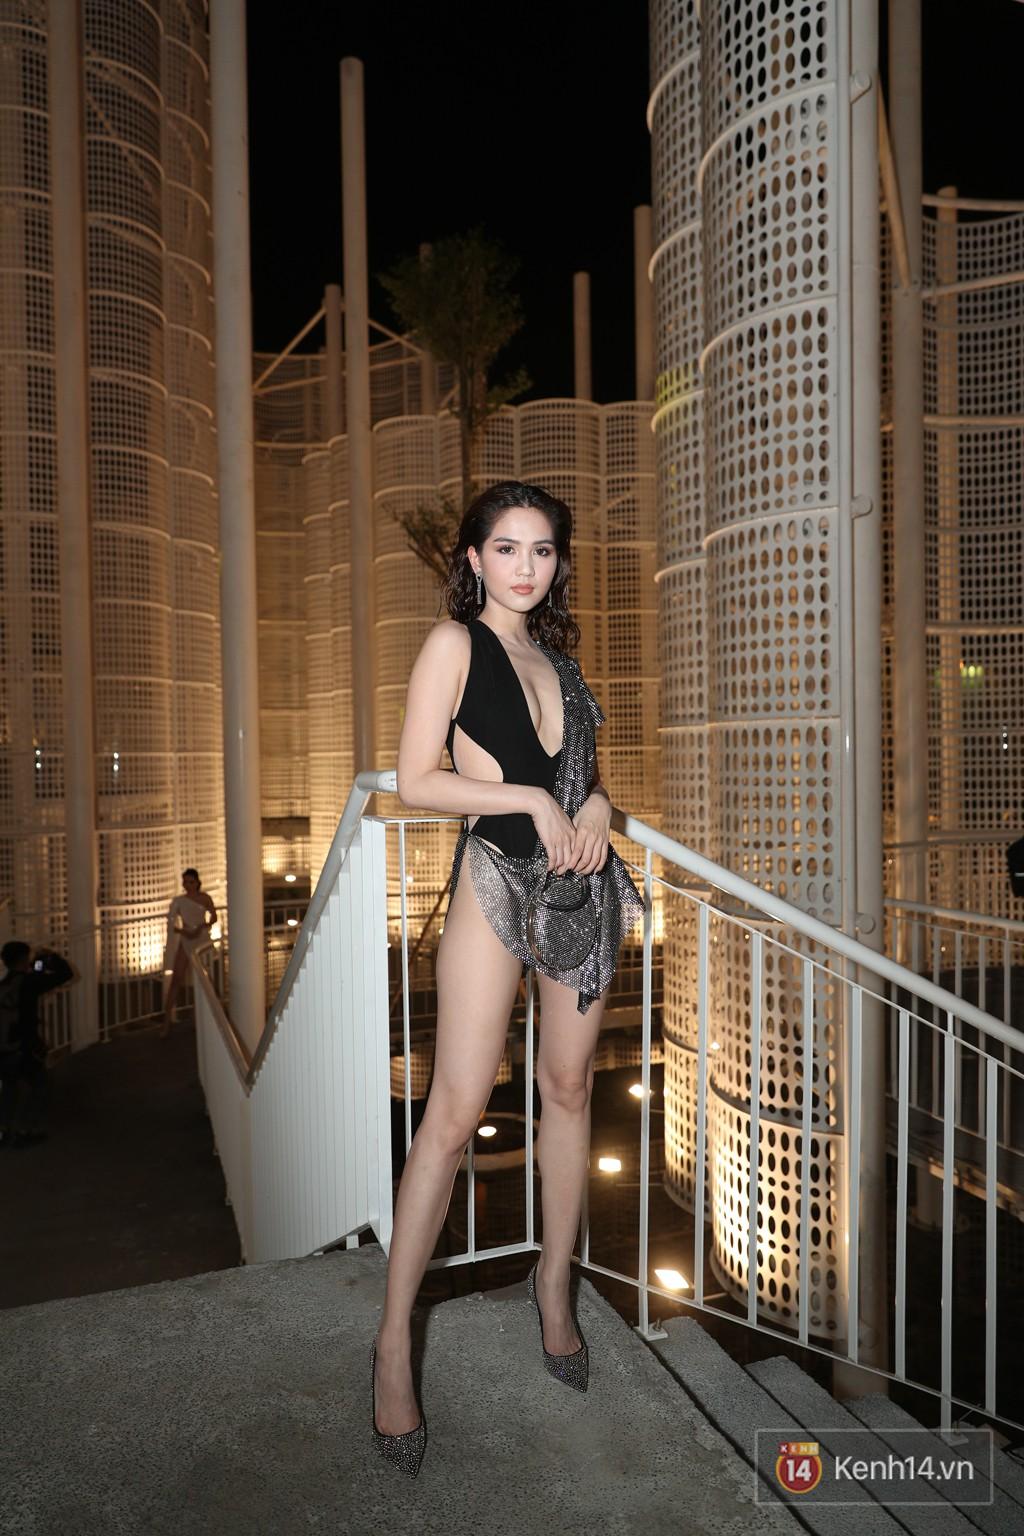 Ngọc Trinh hậu Cannes: vẫn mặc hở và khả năng là sẽ không ngừng mặc hở - Ảnh 2.